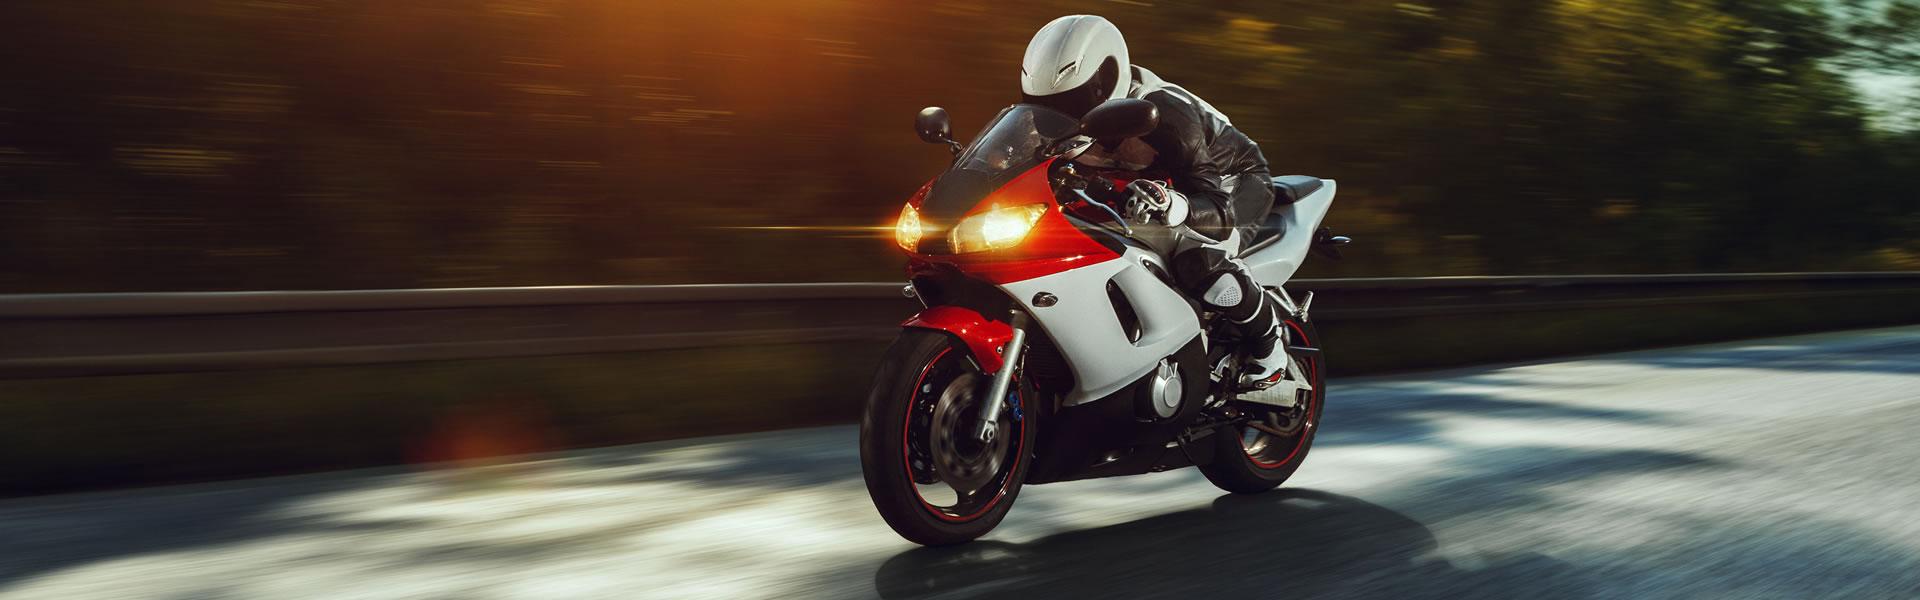 sijalice za motocikle